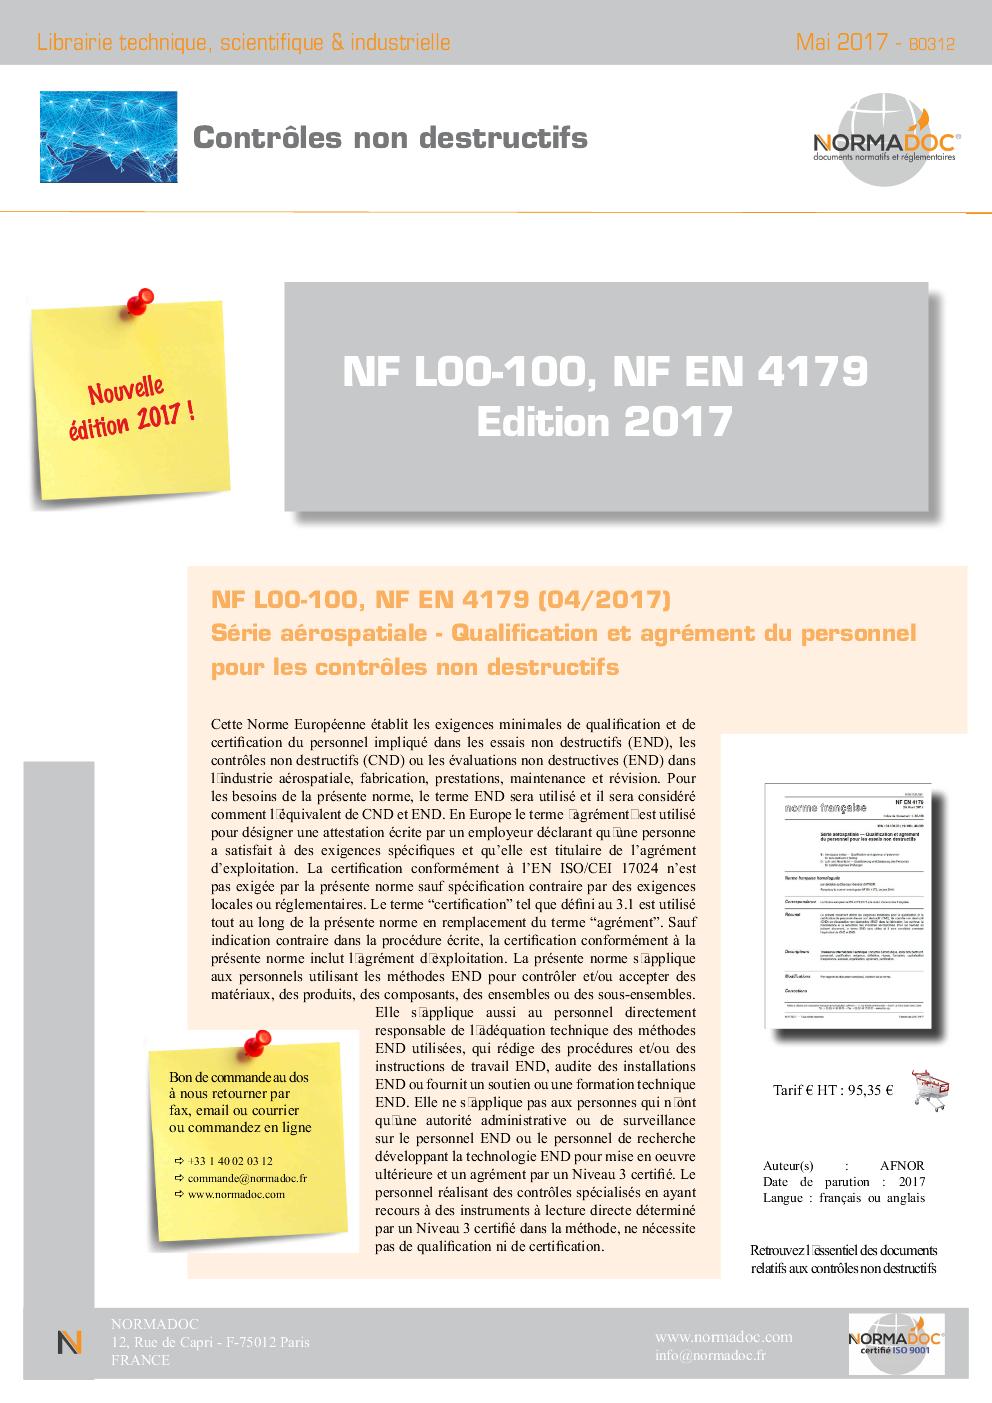 NF L00-100, NF EN 4179 Edition 2017